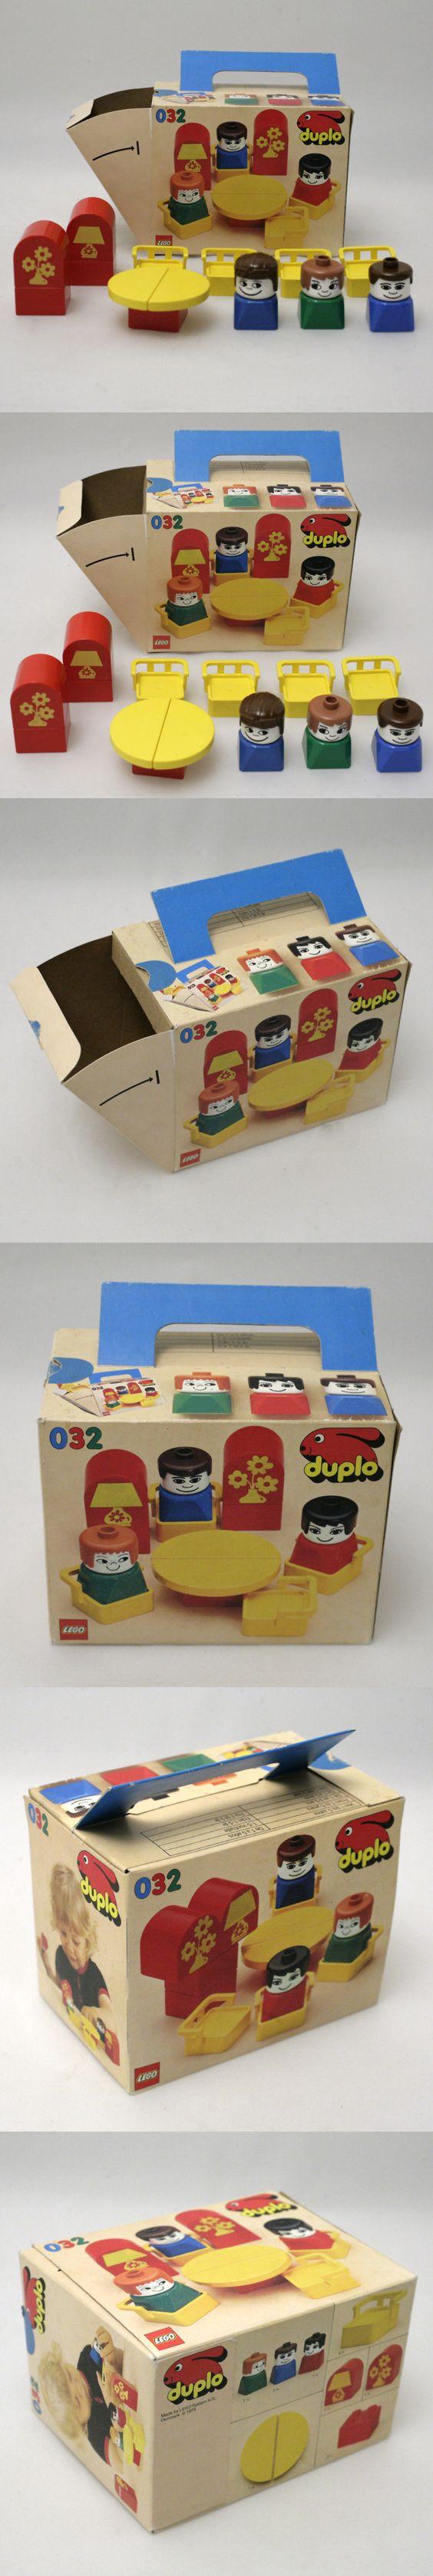 1970's Vintage Lego Duplo Set 032 NOW FOR SALE on EBAY.DE